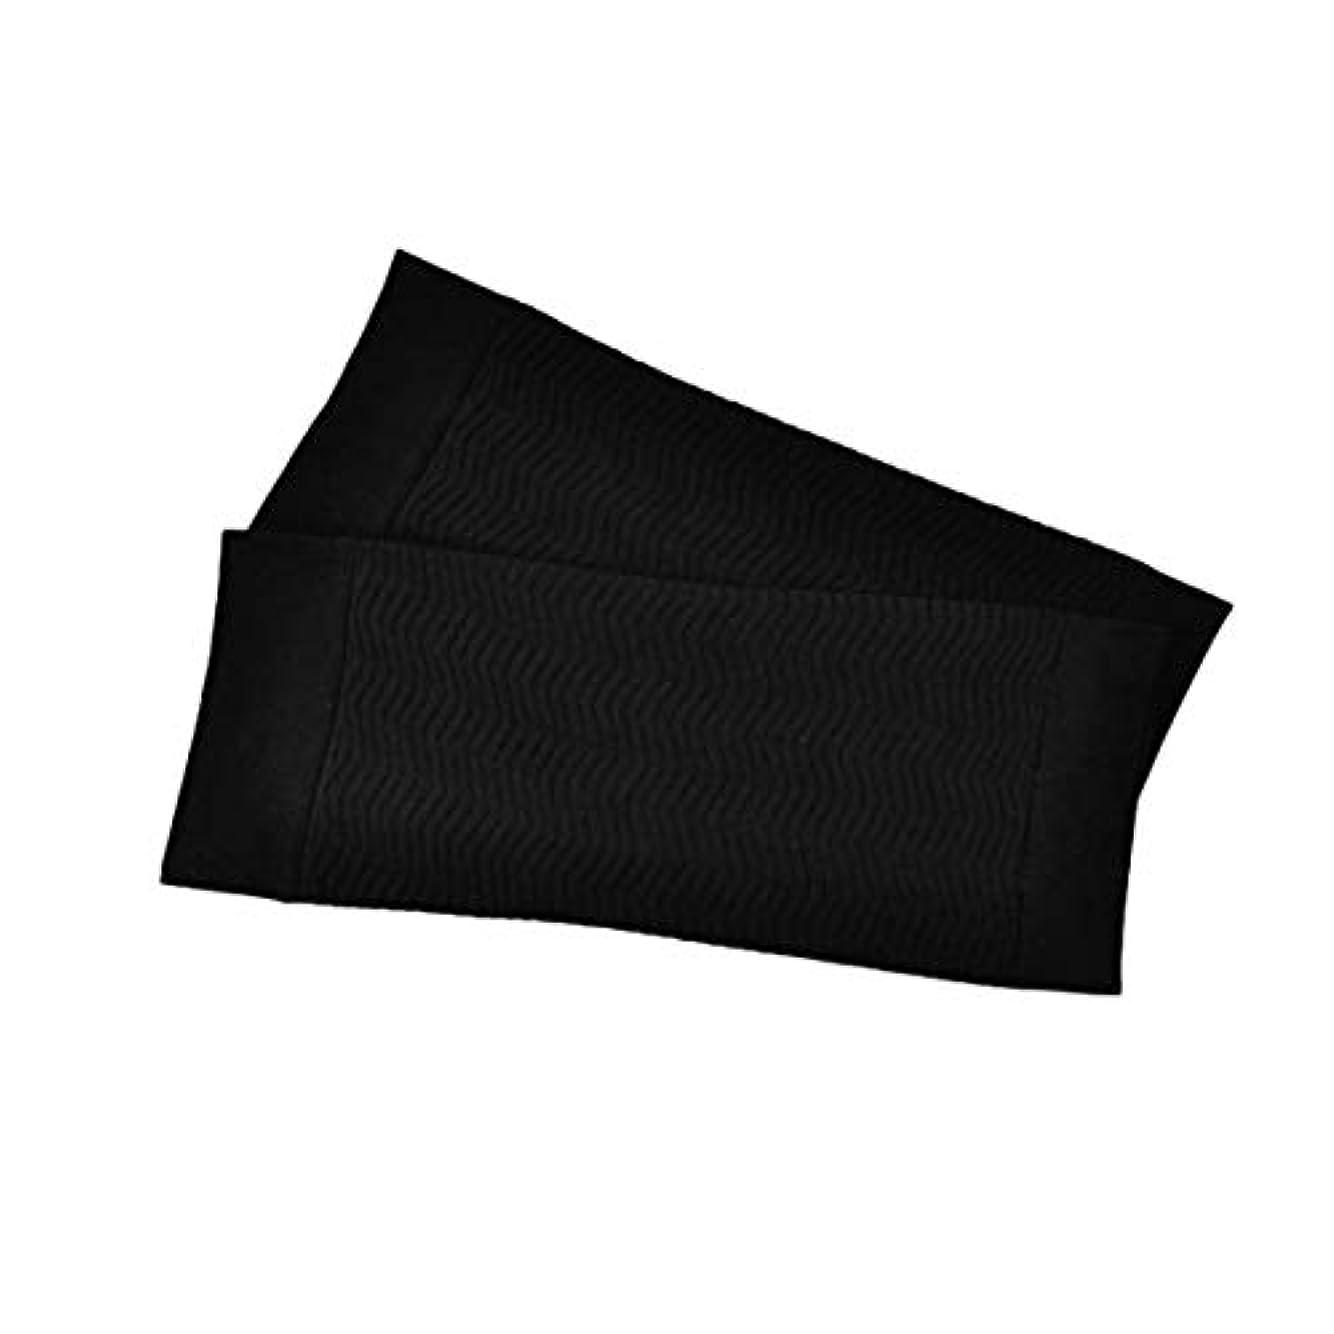 縫う医師批判的1ペア680 D圧縮アームシェイパーワークアウトトーニングバーンセルライトスリミングアームスリーブ脂肪燃焼半袖用女性 - ブラック